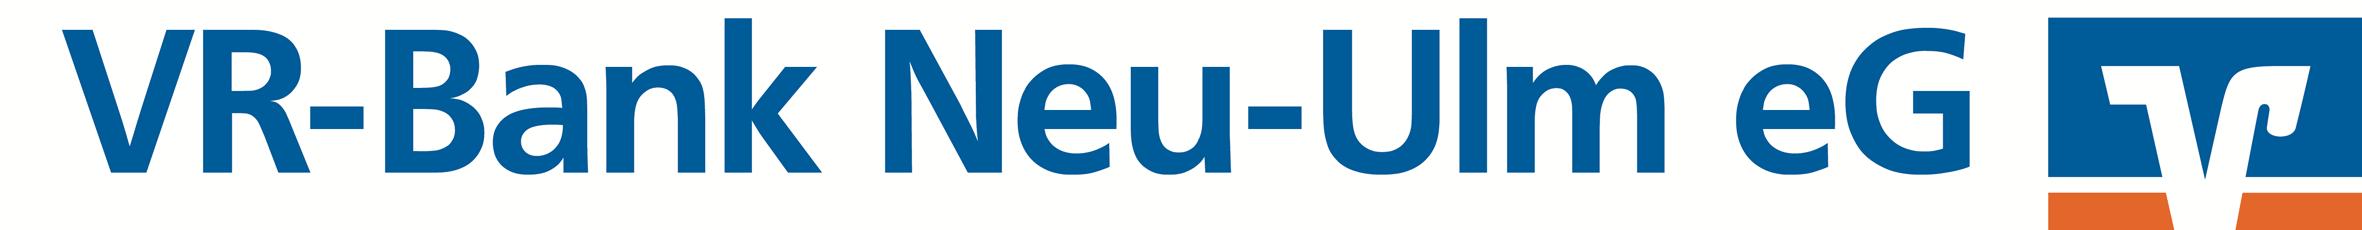 VR-Bank_NU_Logo_CMYK